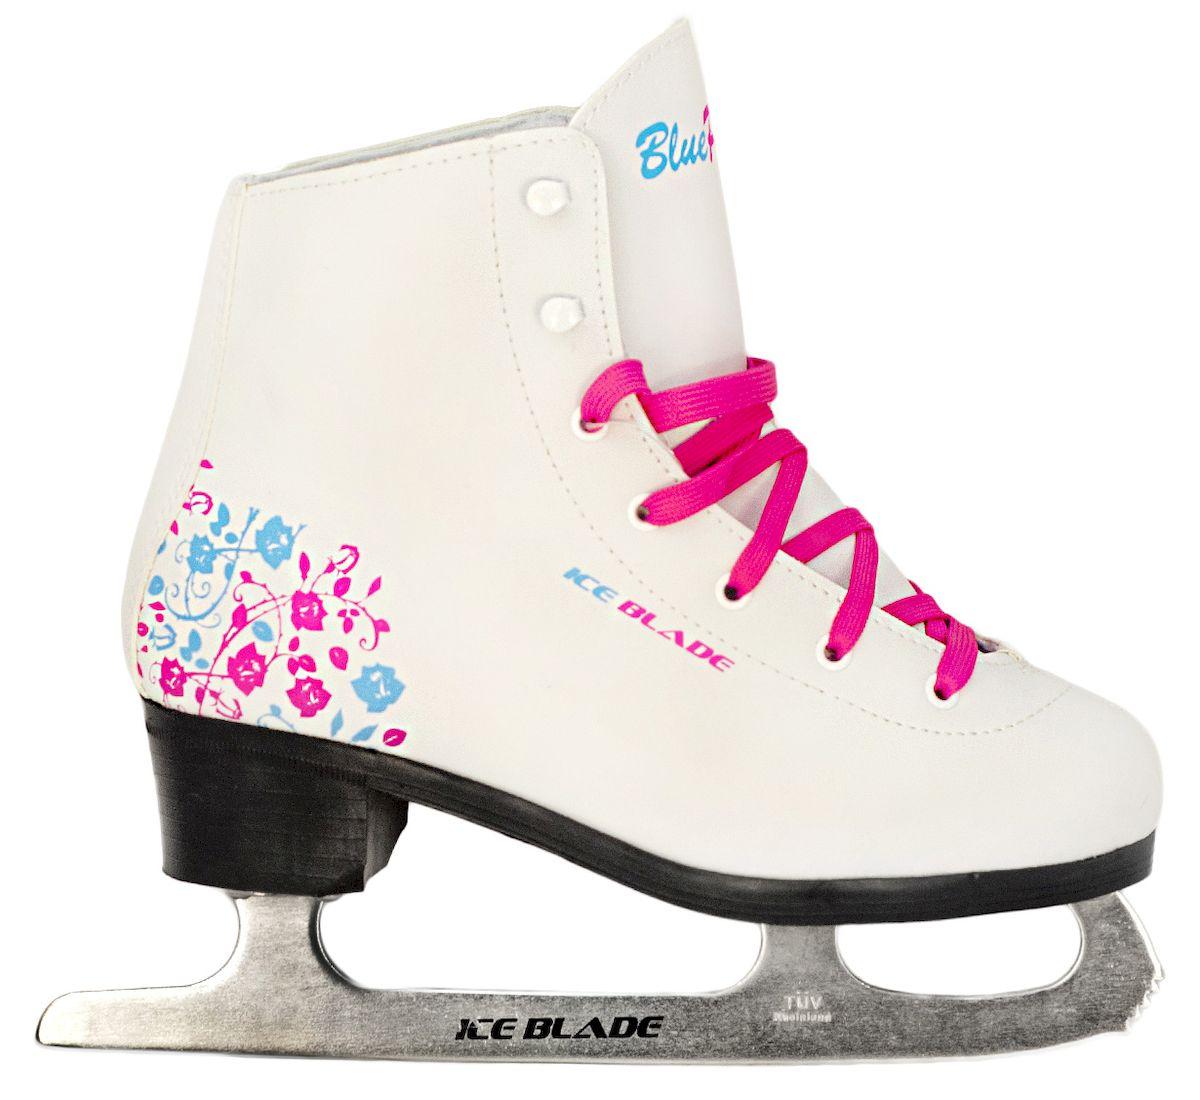 Коньки фигурные Ice Blade BluePink, цвет: белый, розовый, голубой. УТ-00006869. Размер 36